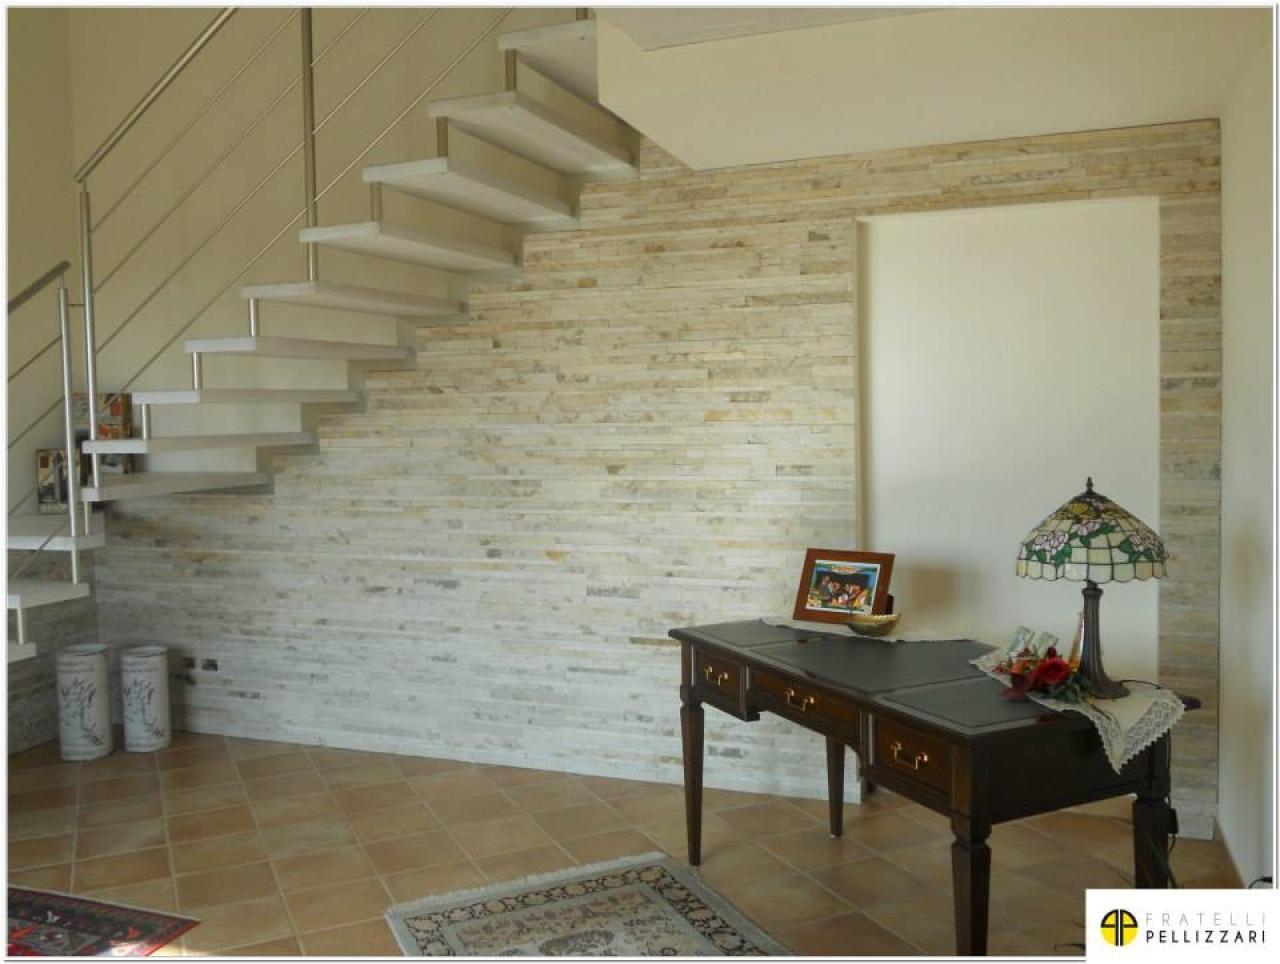 Rivestimenti in pietra interni ed esterni fratelli pellizzari for Rivestimento parete interna